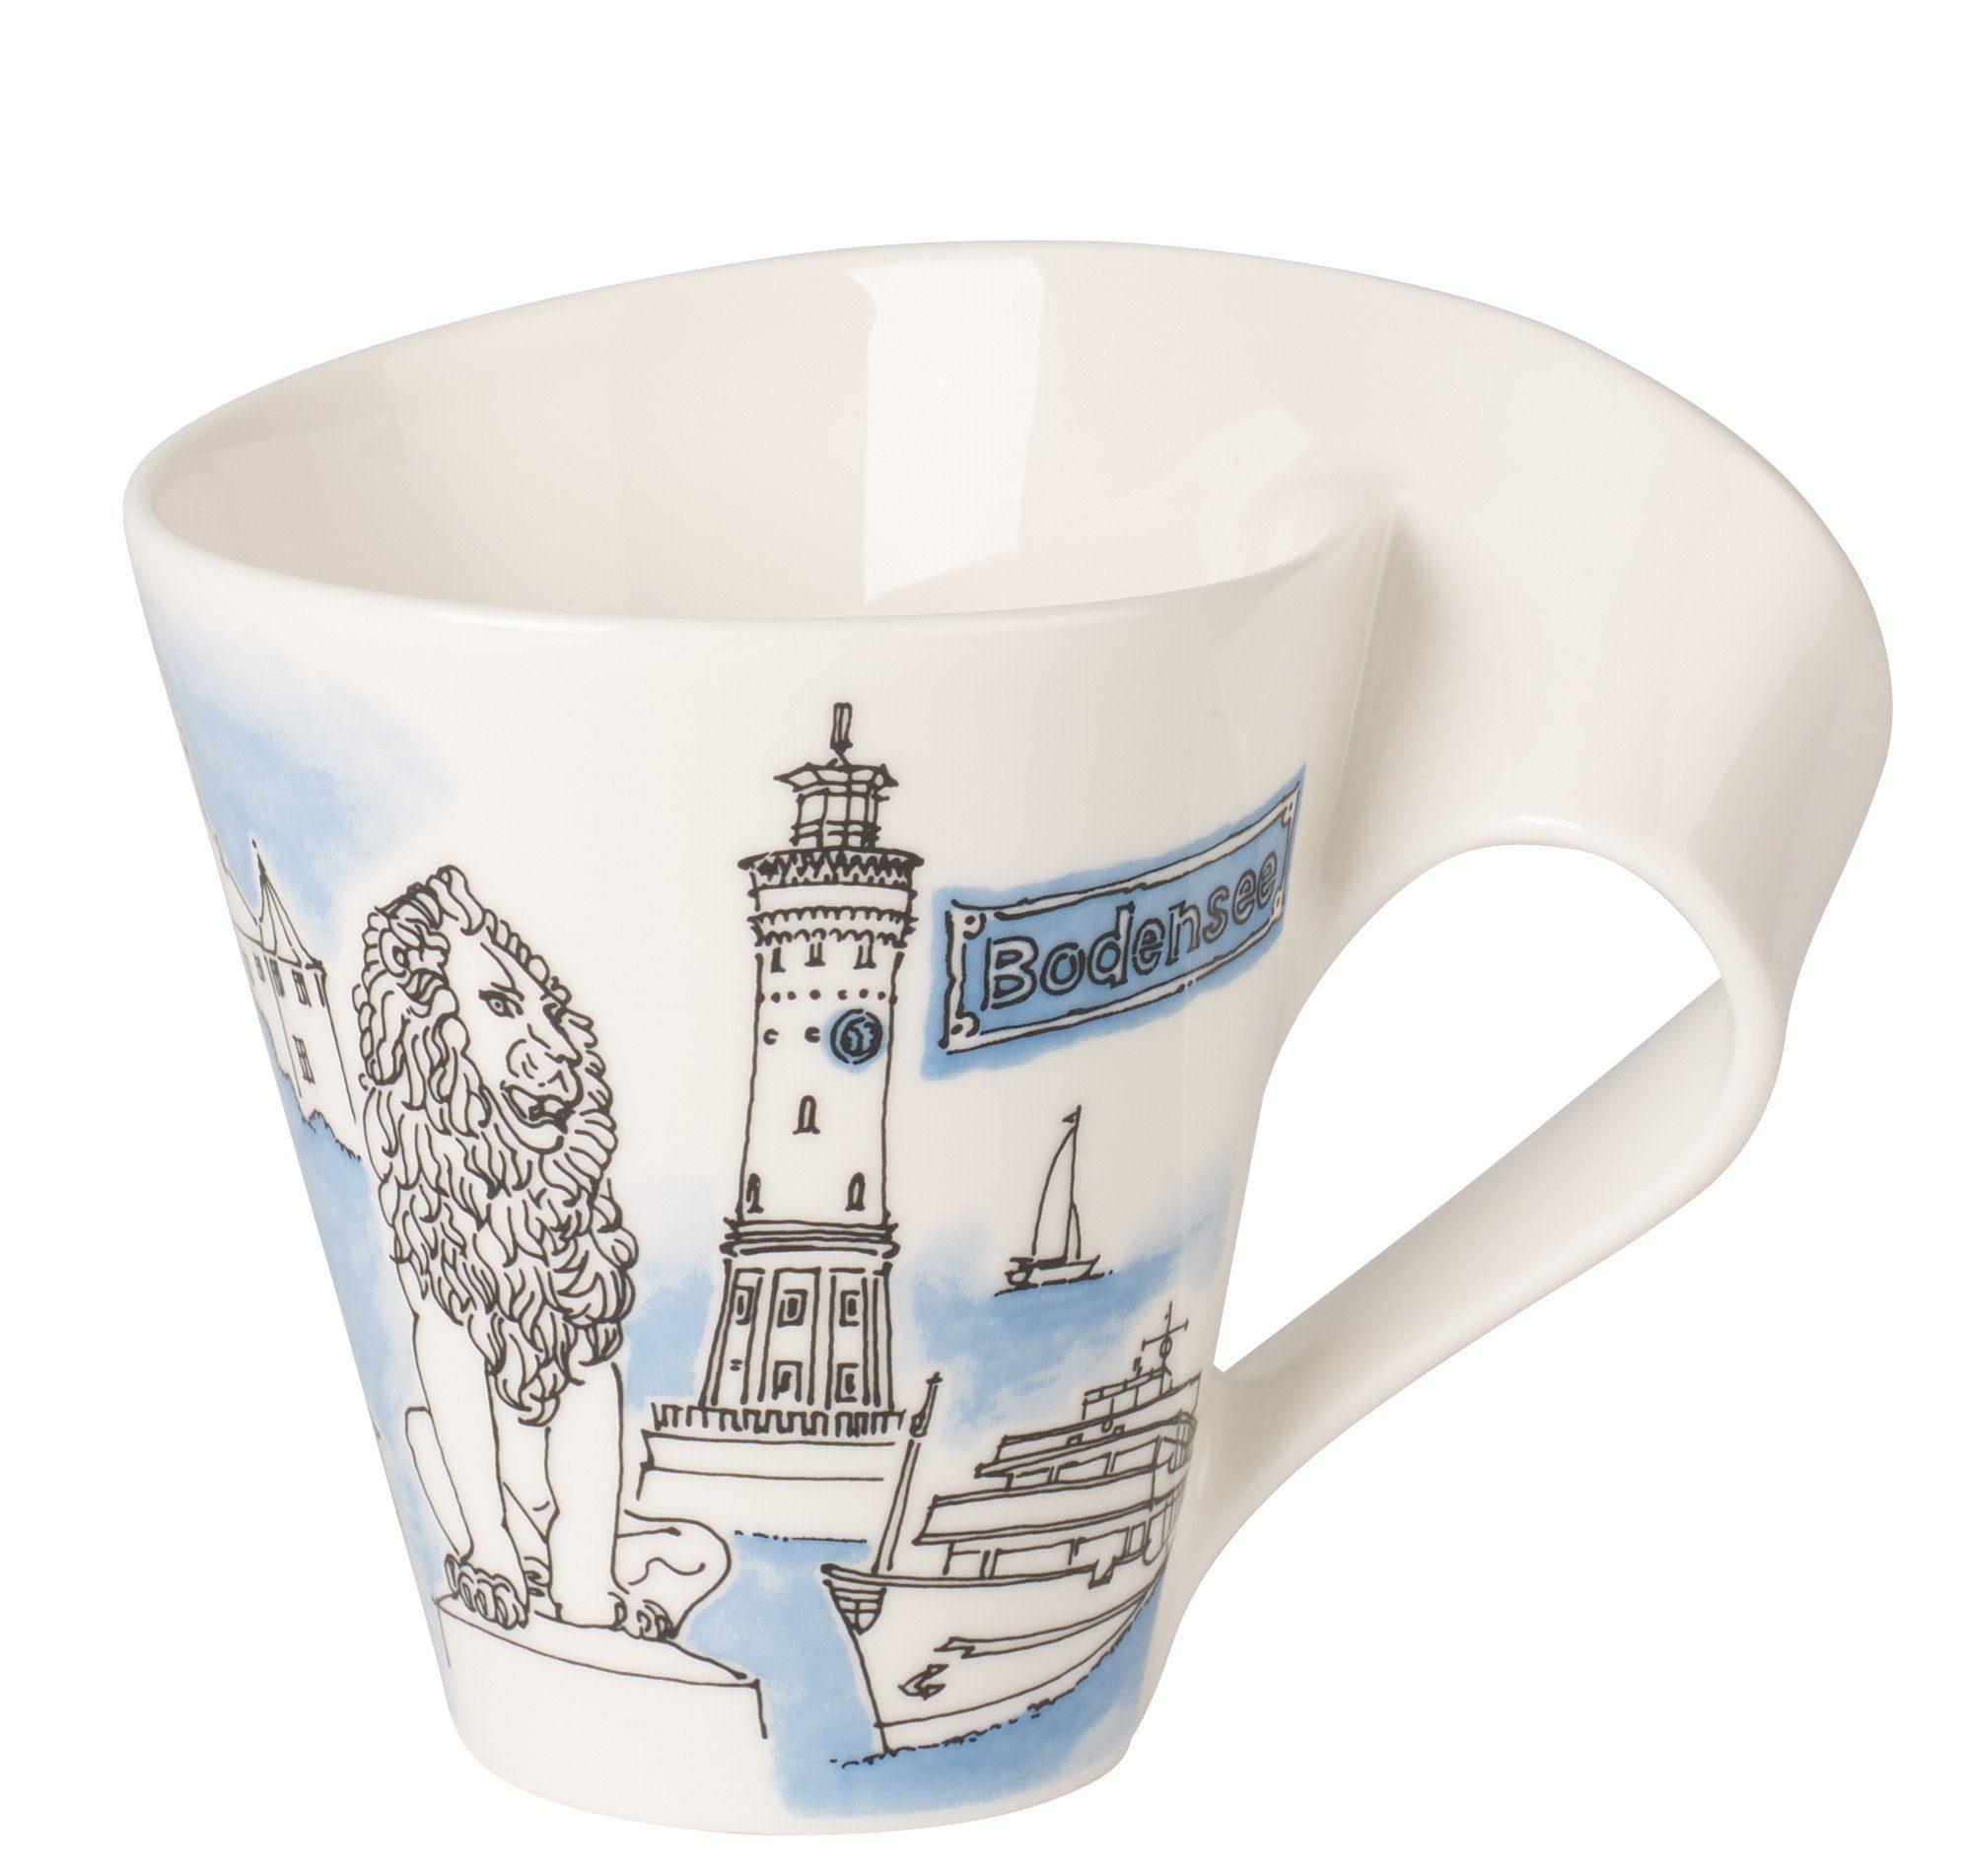 Villeroy & Boch Kaffeebecher Bodensee »Cities of the World«